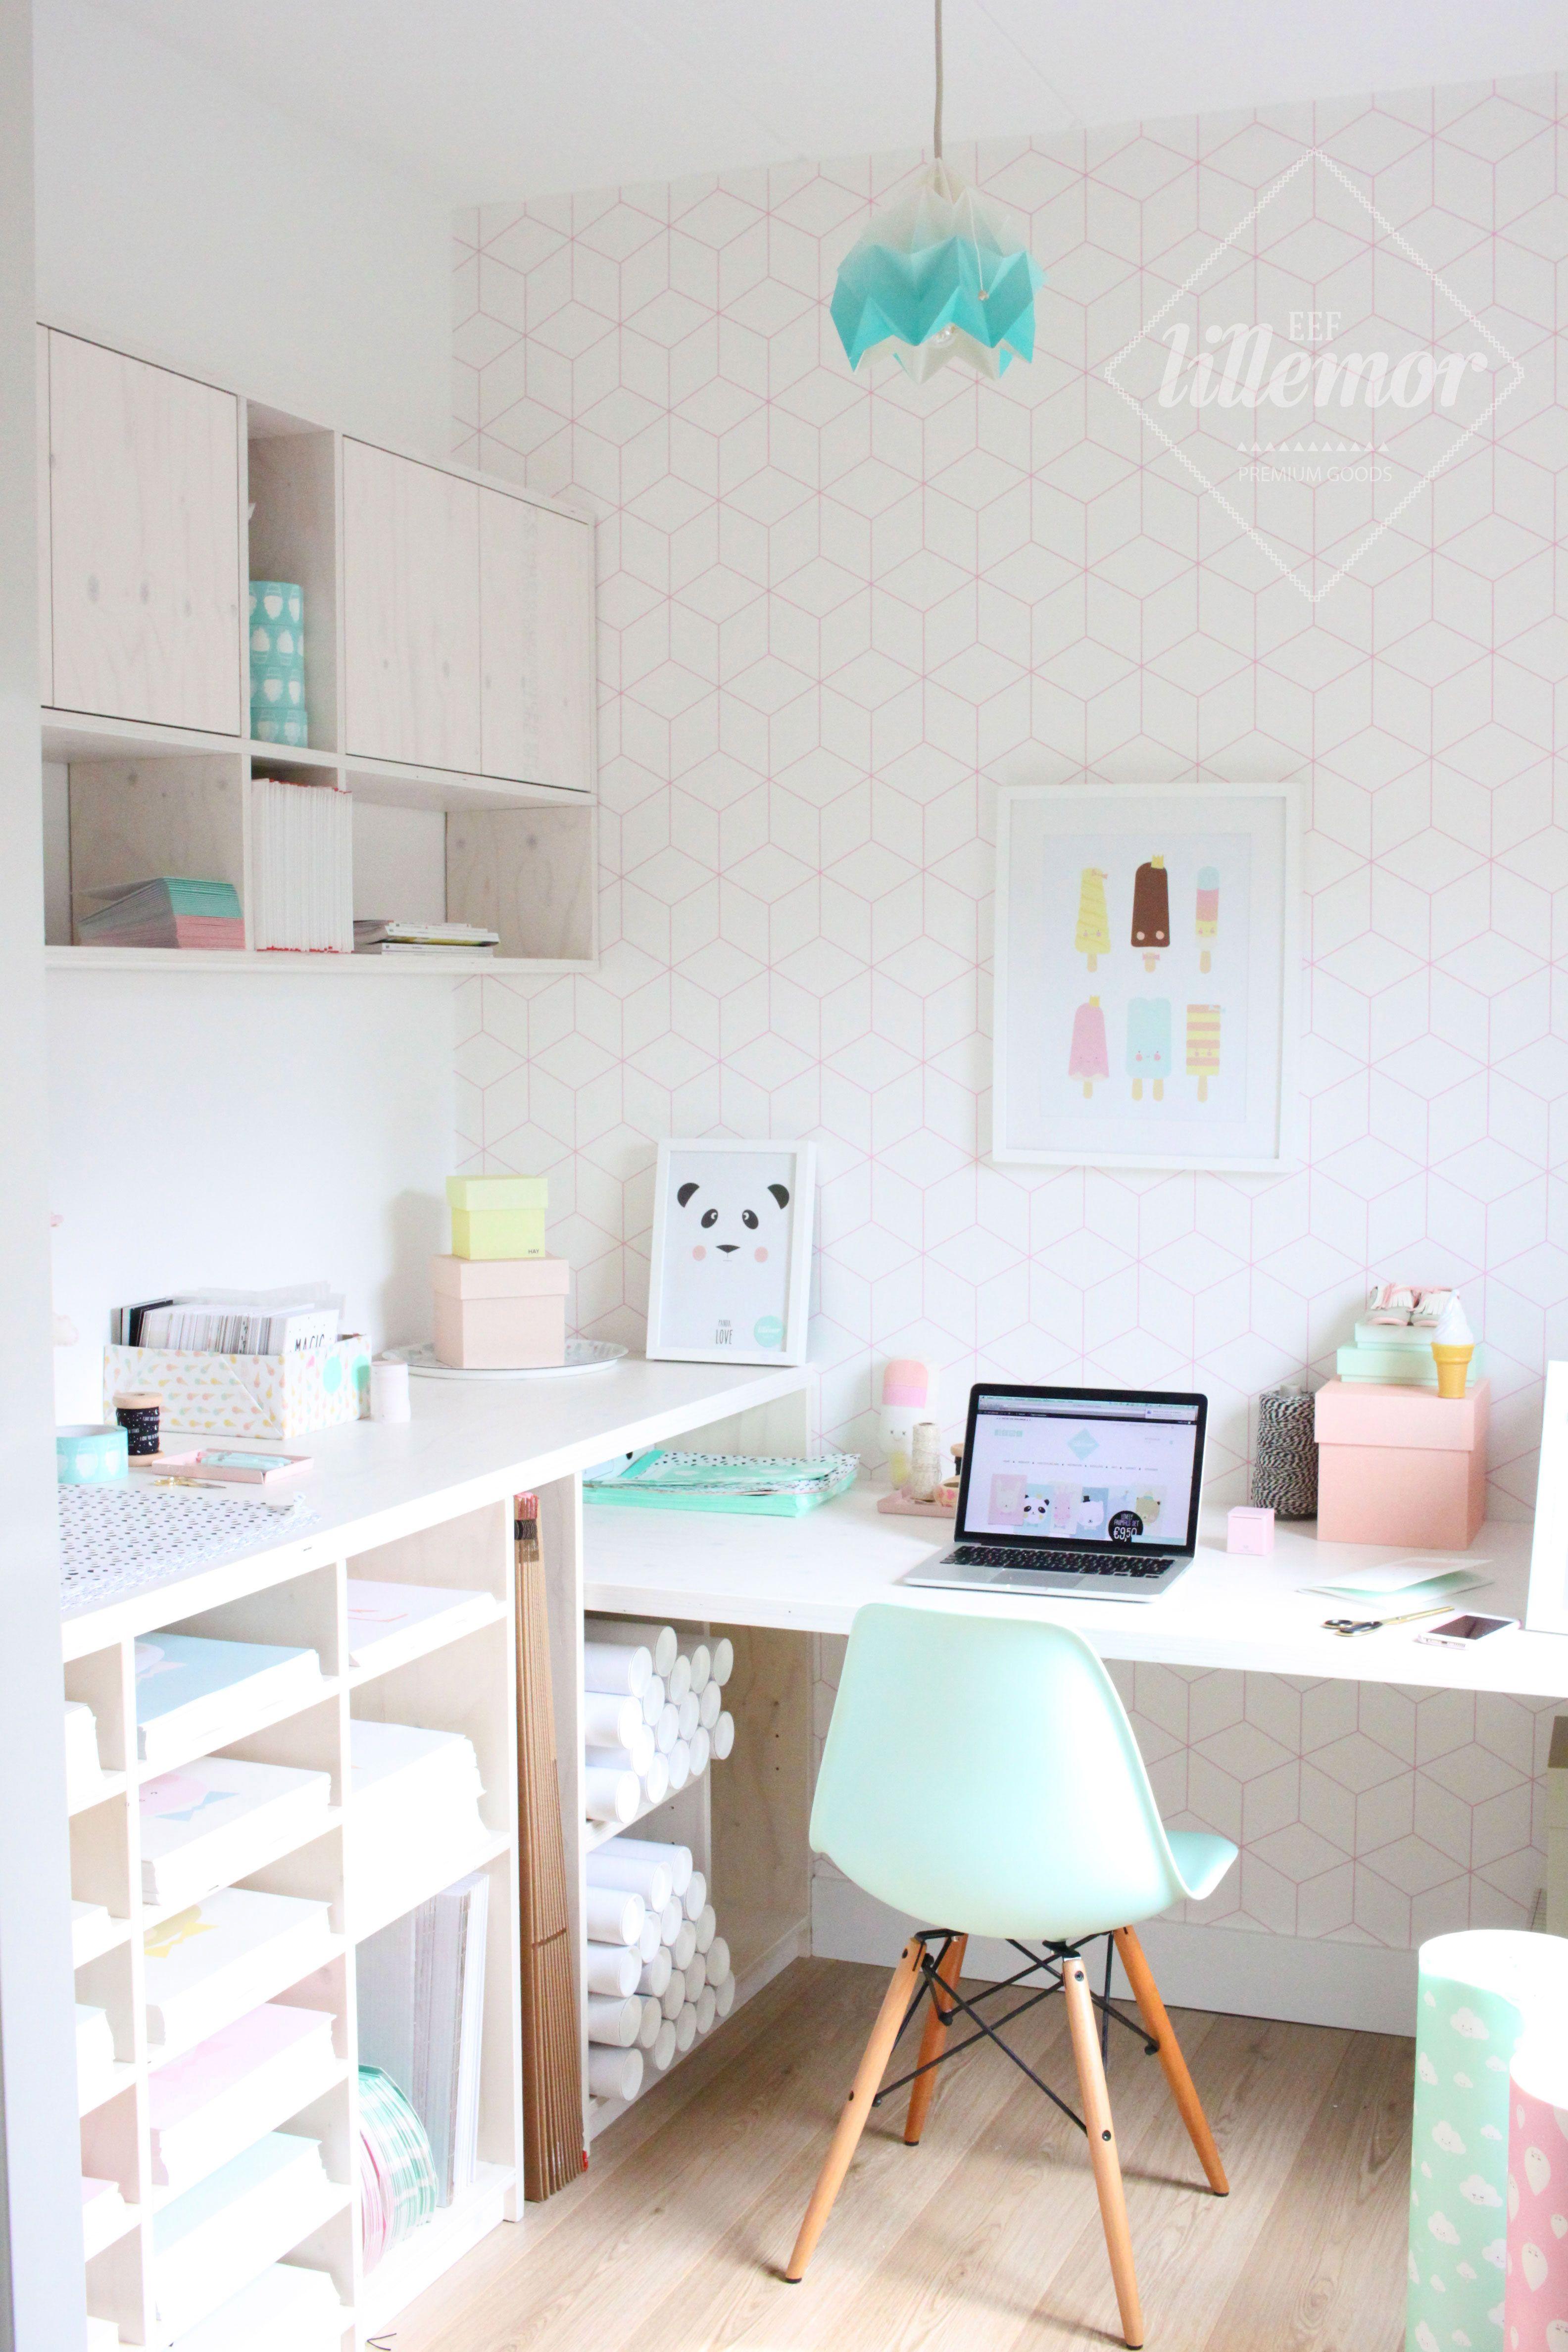 Chambre Scandinave Ado Chambre Ado Au Design Scandinave Haute Qualité Chez  Ksl Living